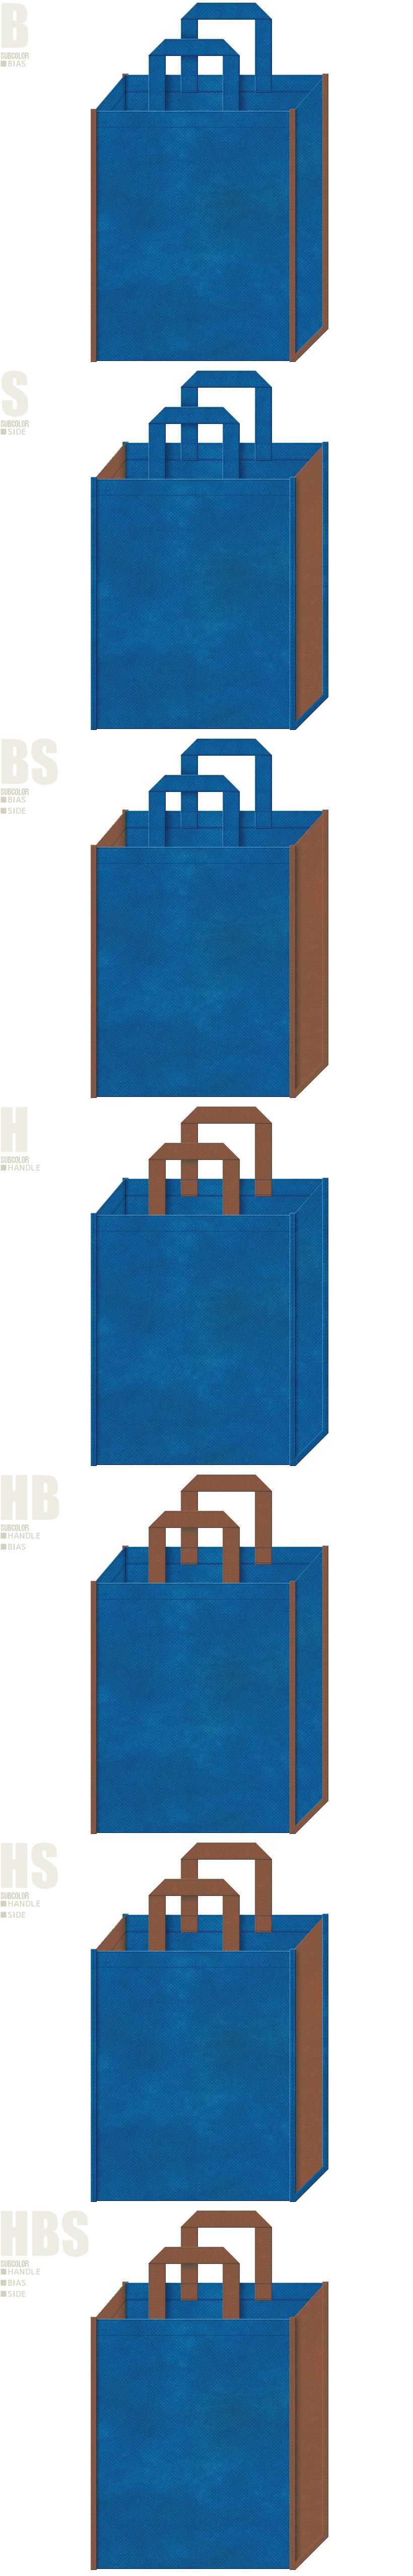 オンラインゲーム・ロールプレイングゲームの展示会用バッグにお奨めの不織布バッグデザイン:青色と茶色の配色7パターン